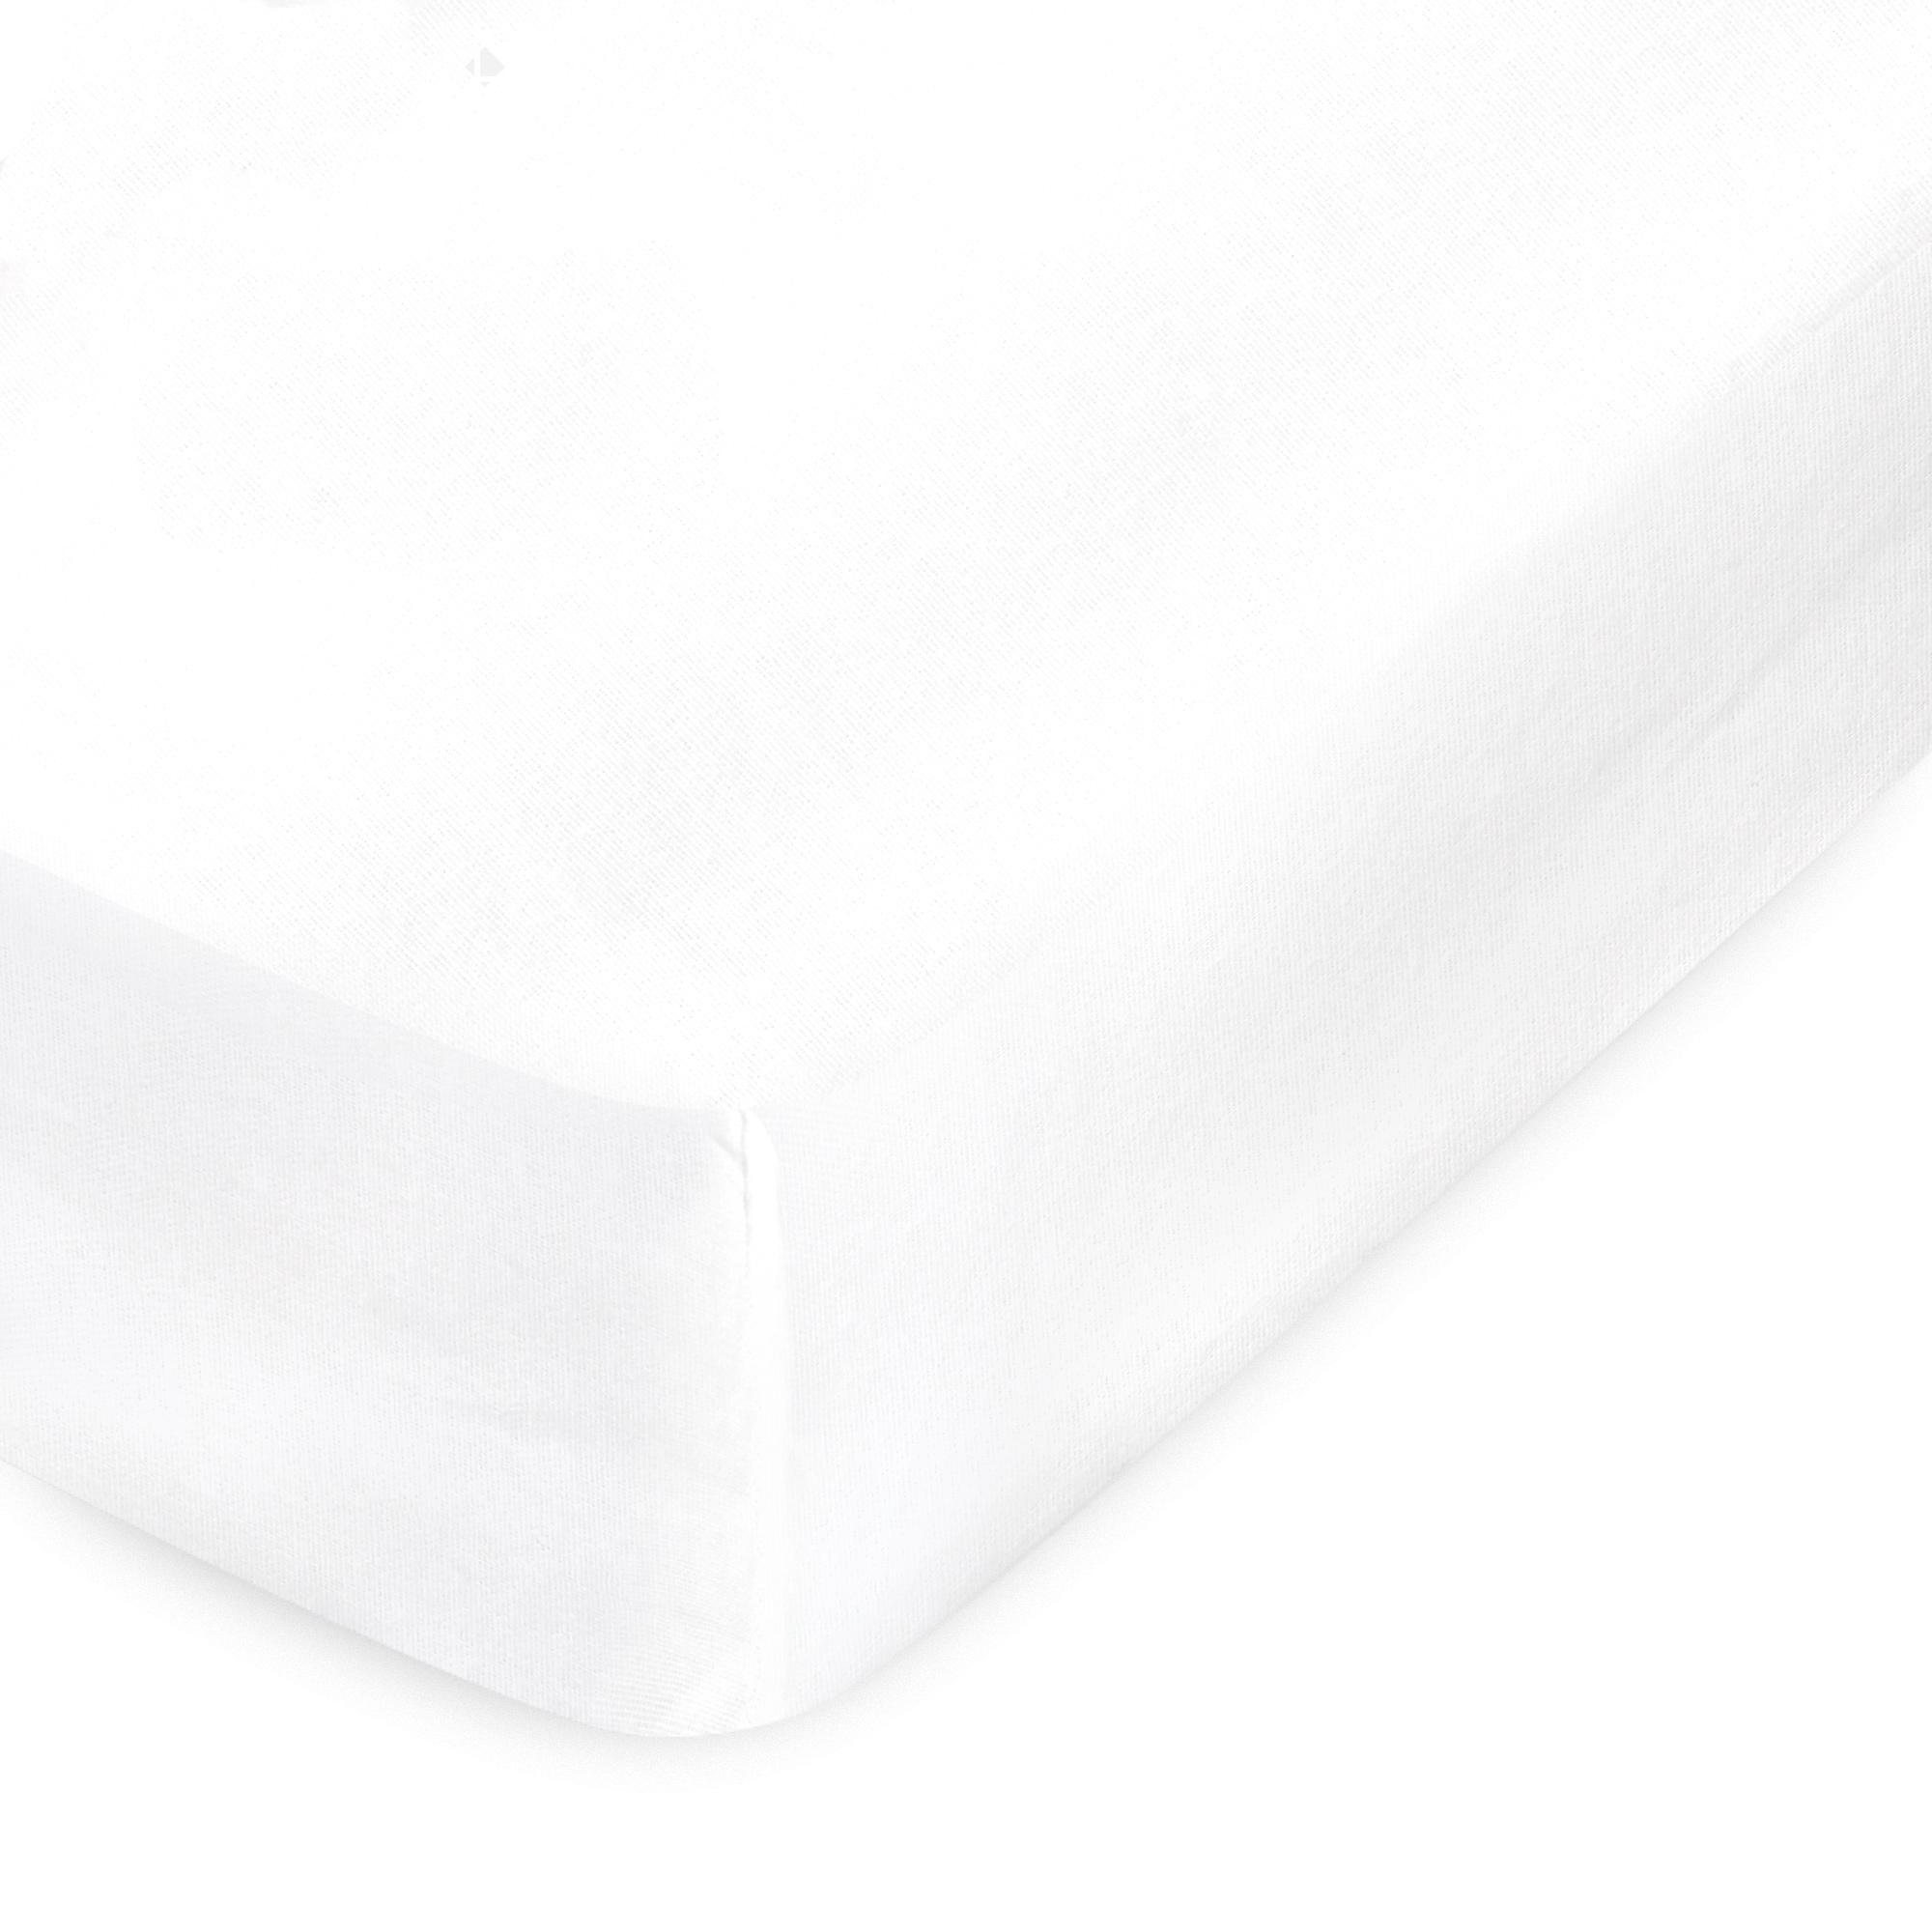 prot ge matelas imperm able 2x80x210 cm lit articul tr bonnet 40cm arnon molleton 100 coton. Black Bedroom Furniture Sets. Home Design Ideas